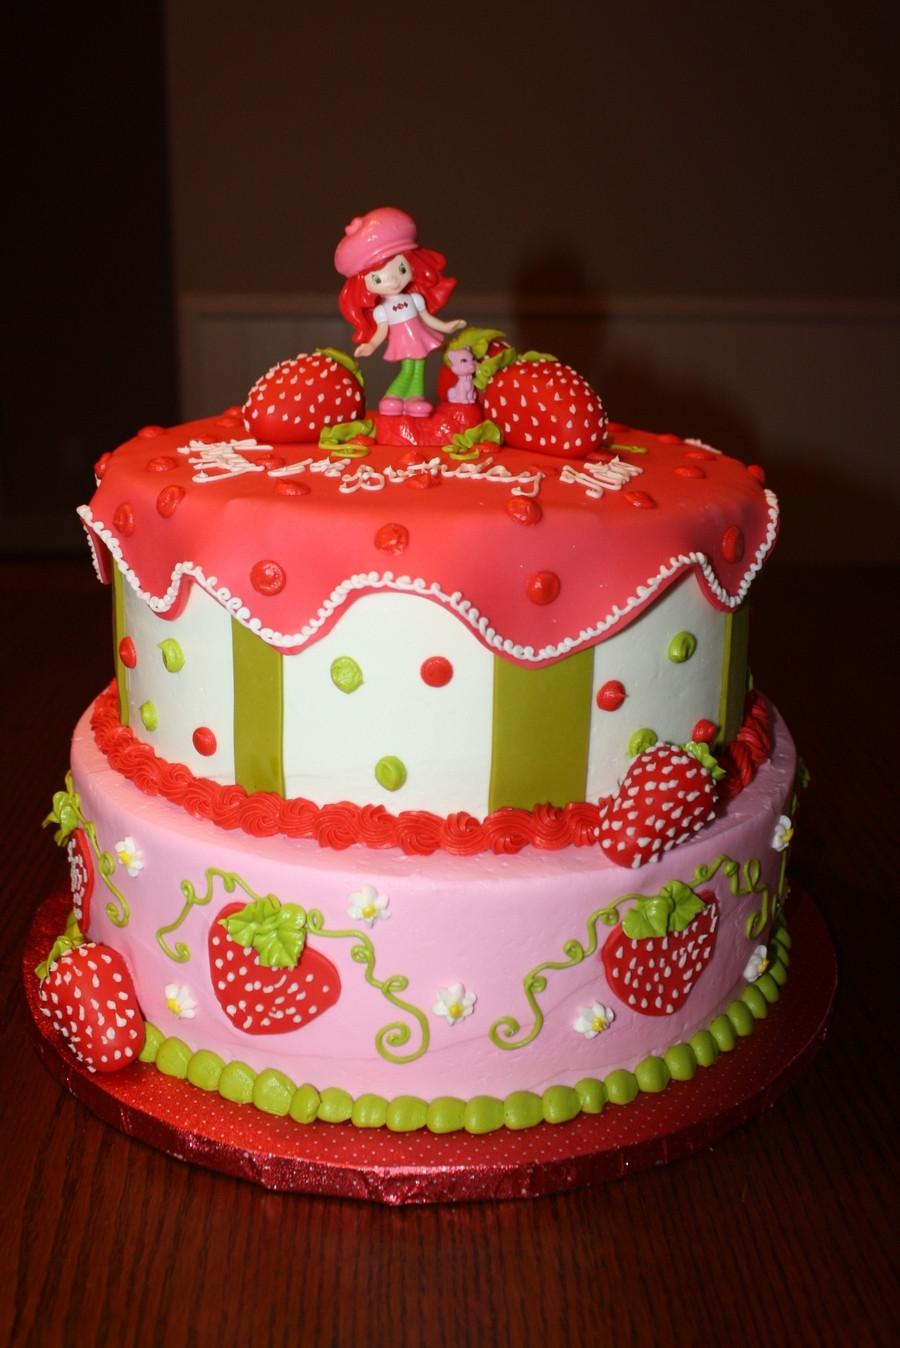 Strawberry Birthday Cake  Strawberry Shortcake Birthday Cake CakeCentral